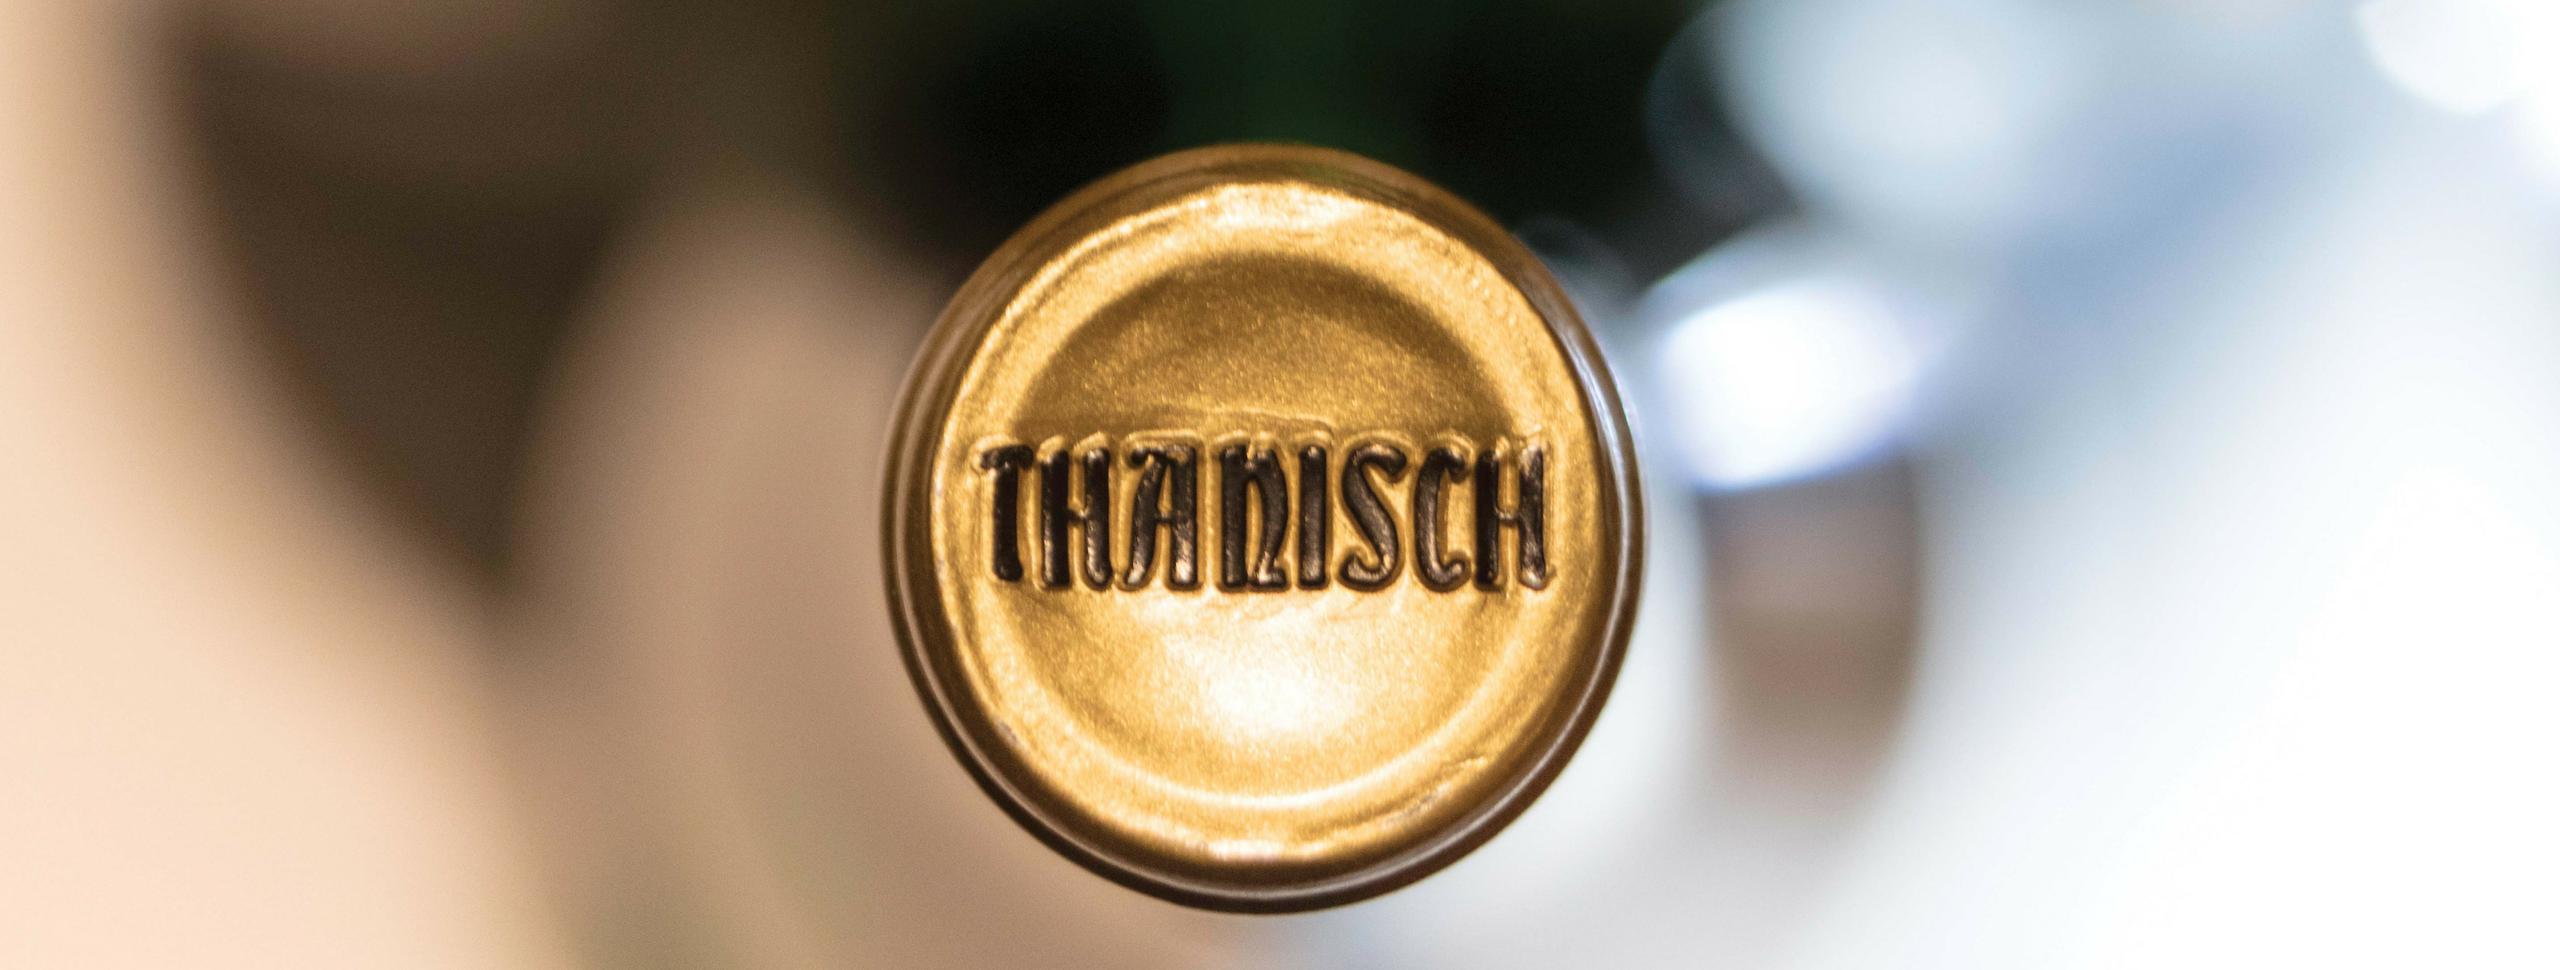 Thanisch 2017 Vintage En Primeur